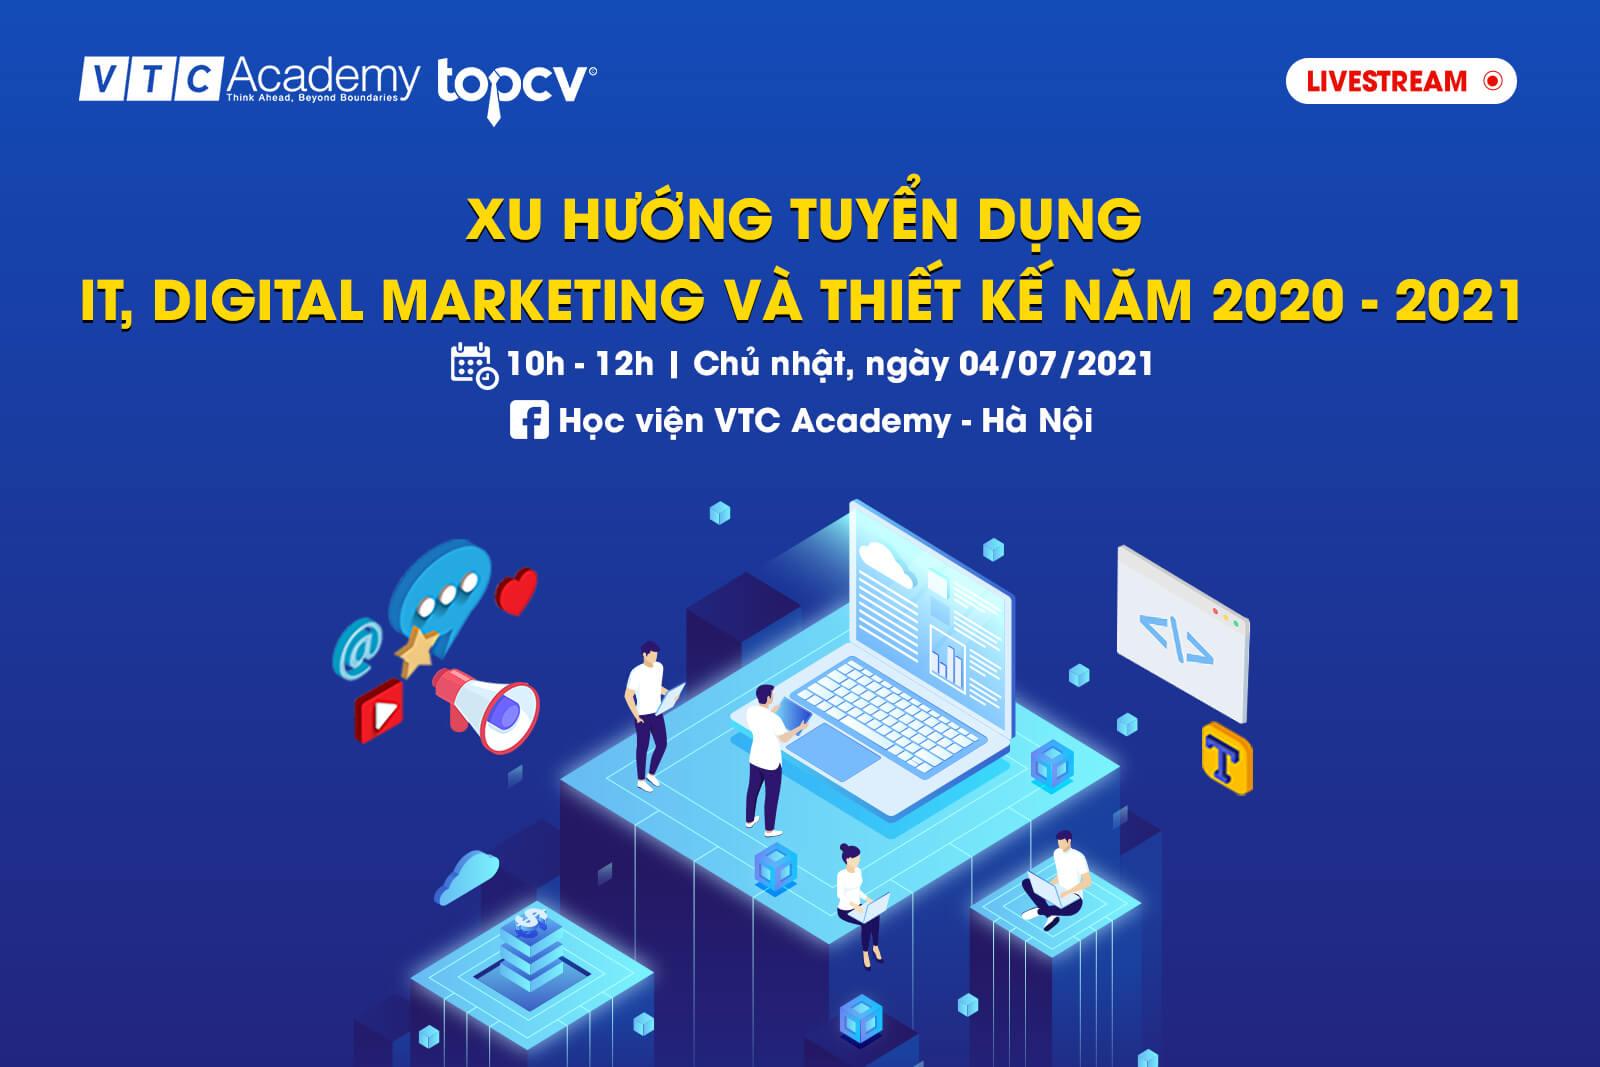 Workshop TopCV x VTC Academy: Xu hướng tuyển dụng IT, Digital Marketing & Thiết kế năm 2020 – 2021